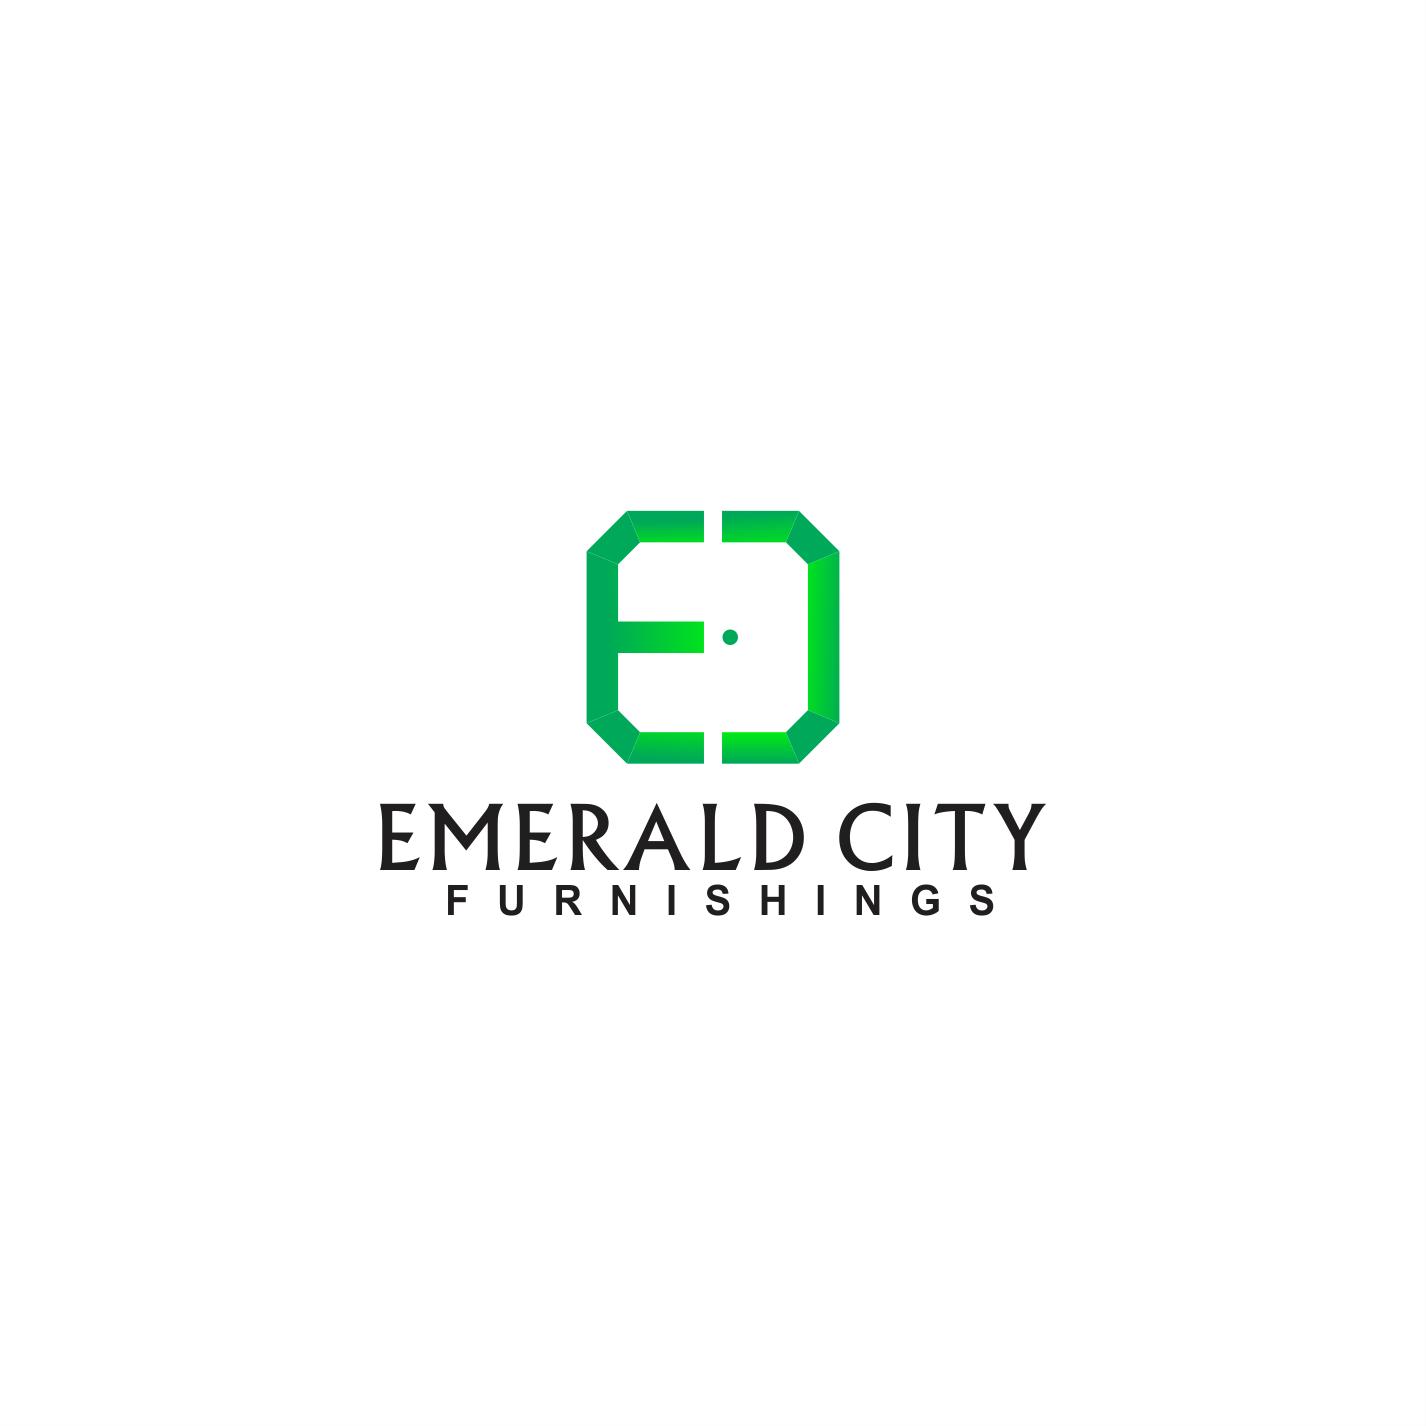 Elegant Playful Home Furniture Logo Design For Emerald